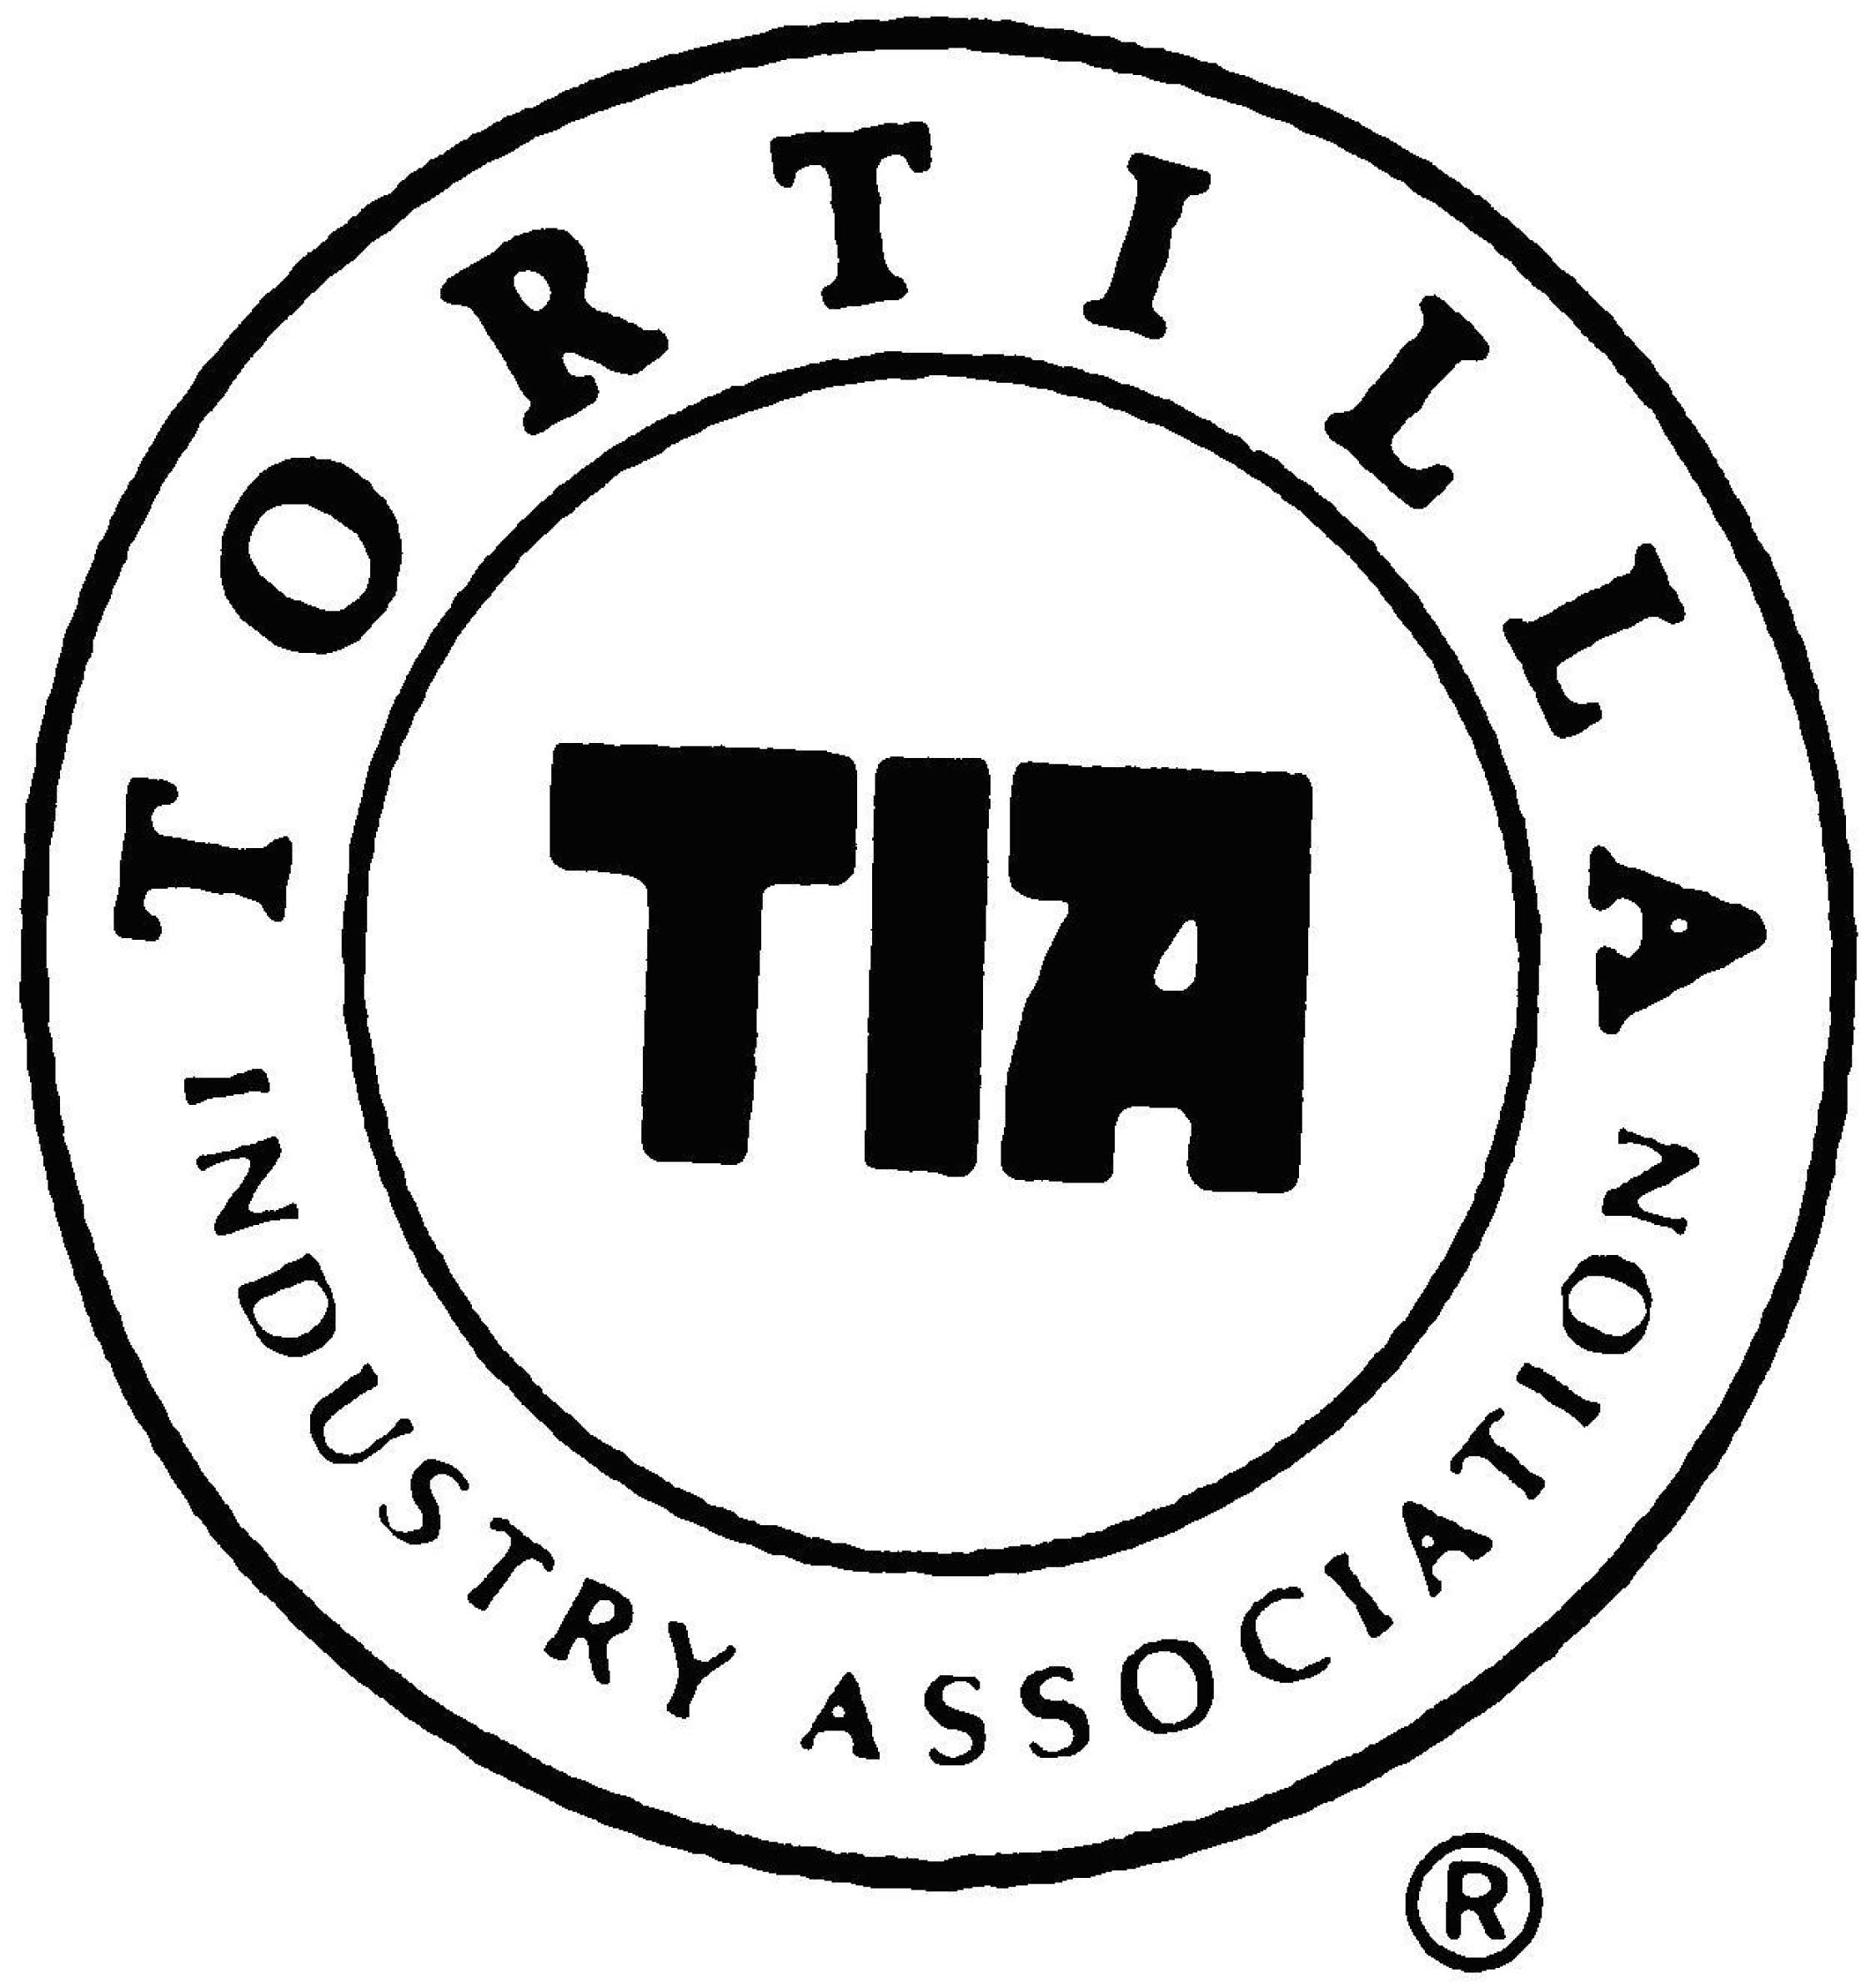 Tortilla Industry Association